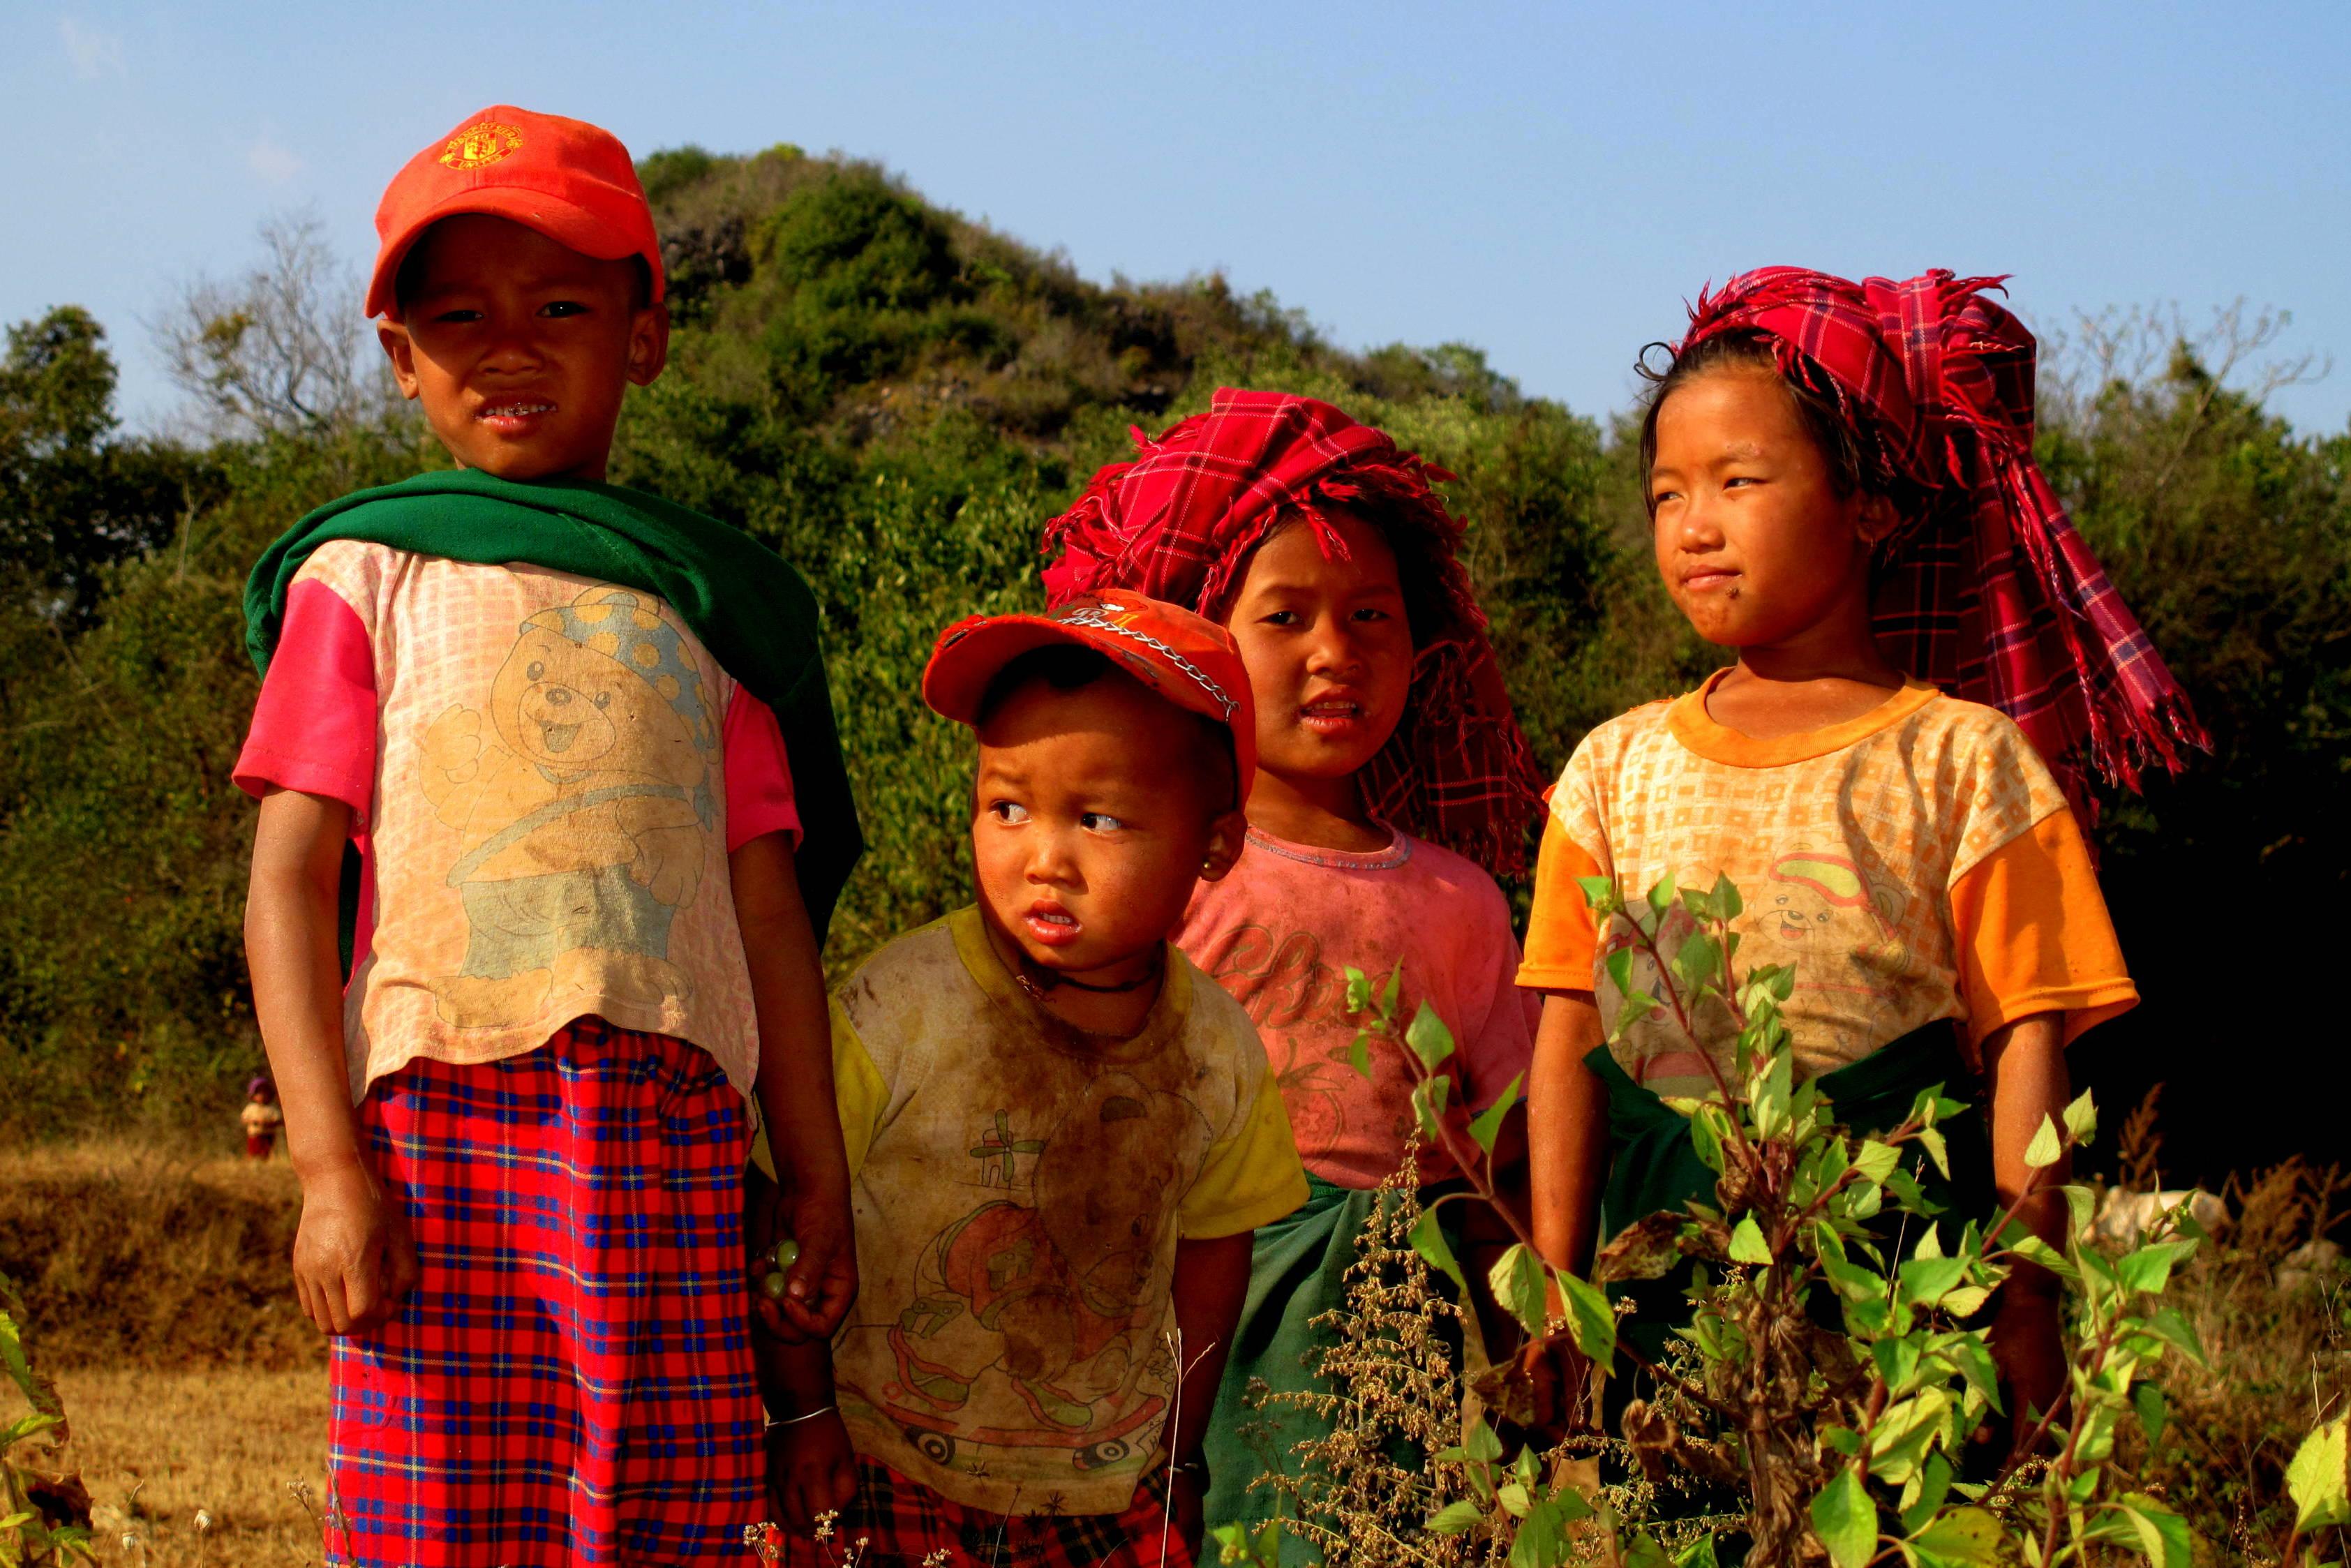 Kids, Burma